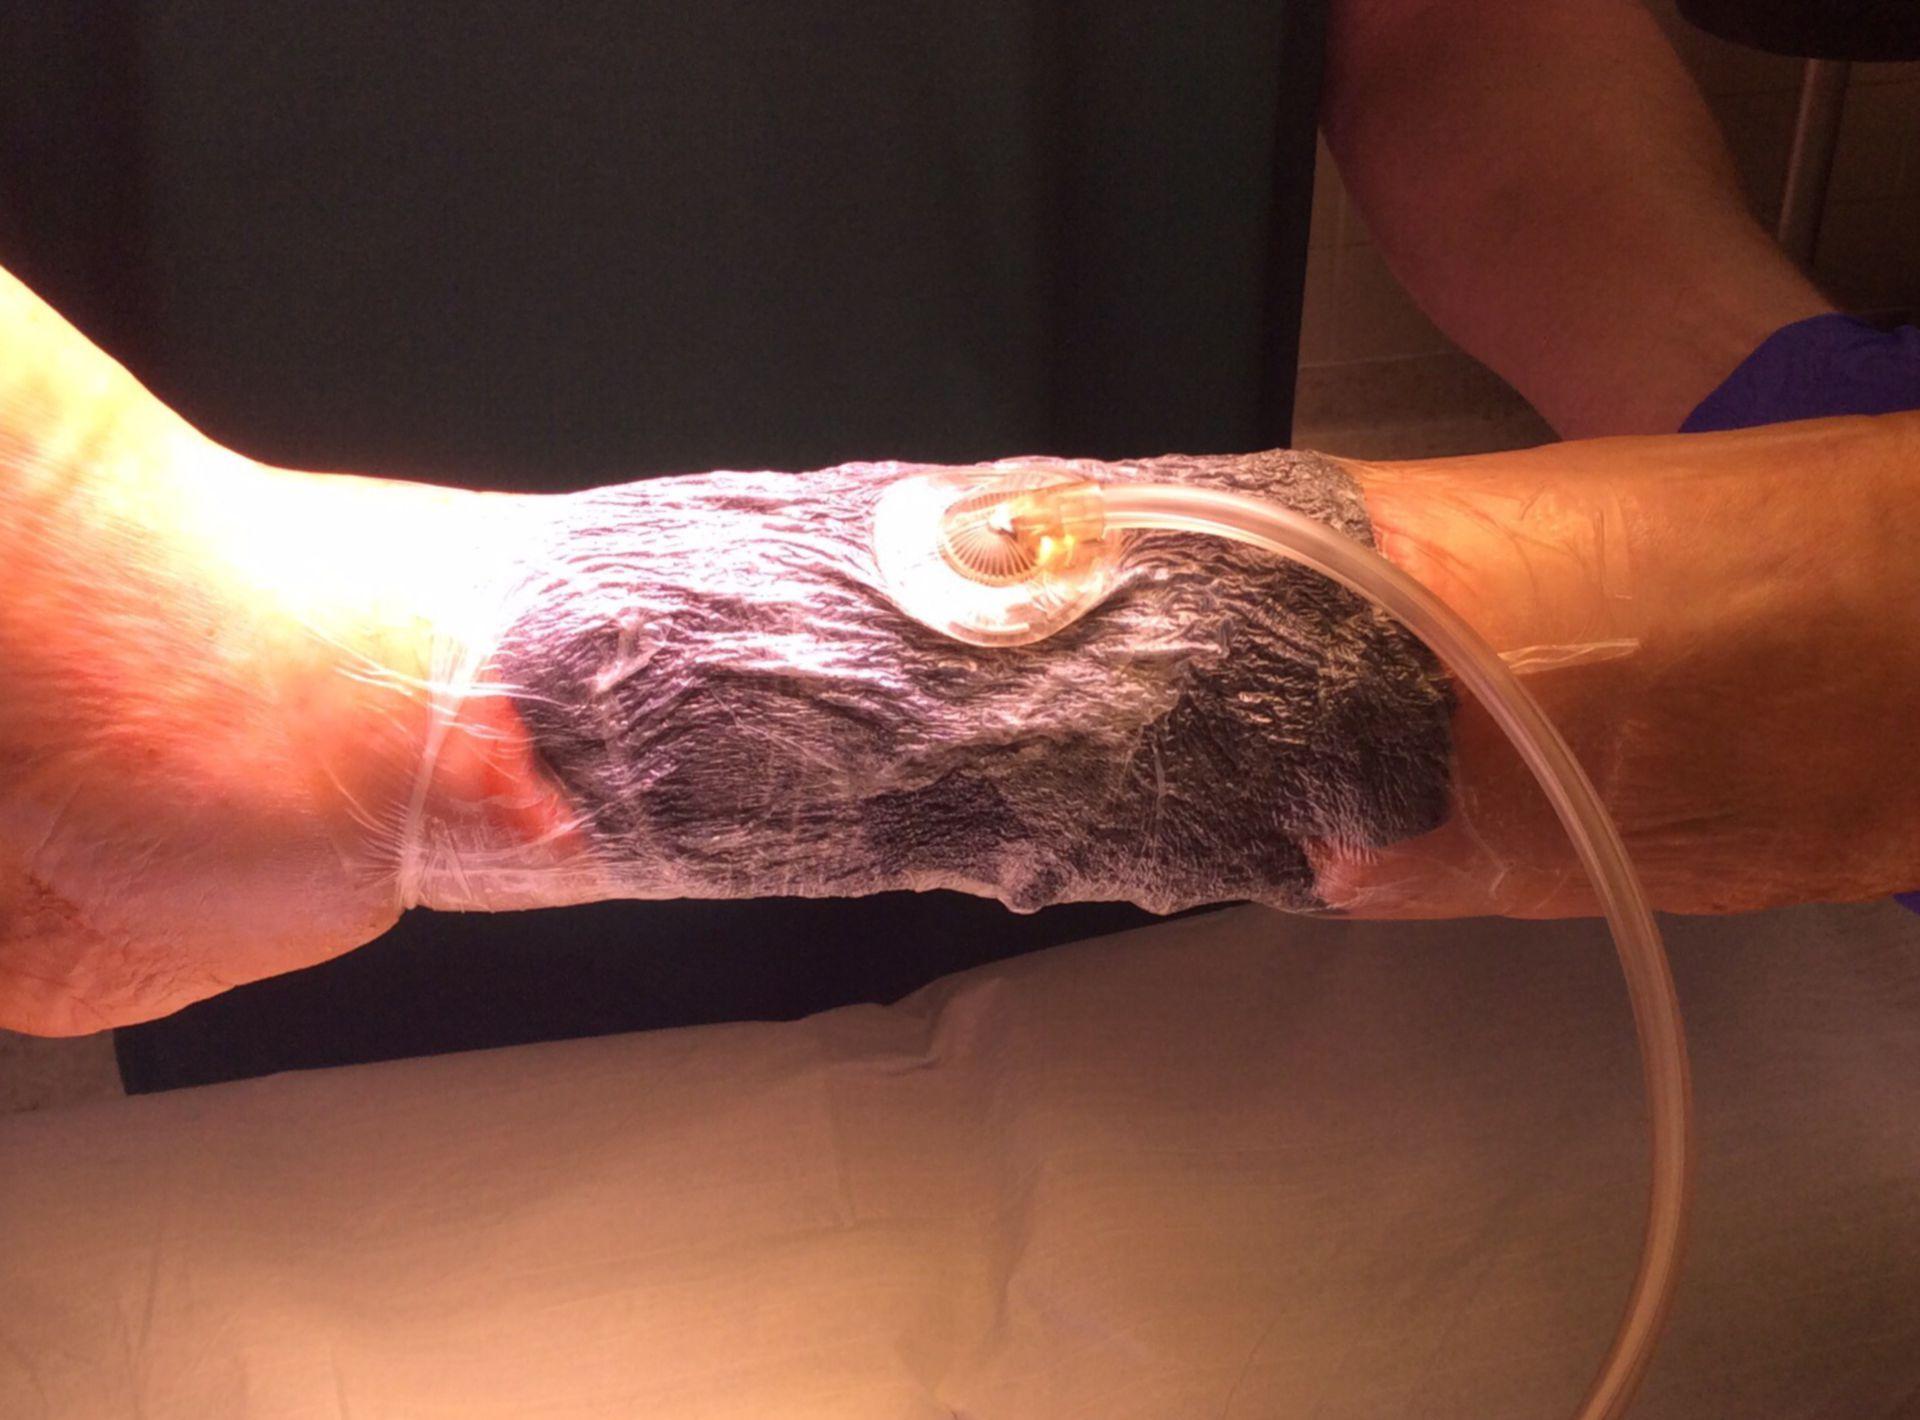 Úlcera del miembro inferior - terapia de herida con presión negativa